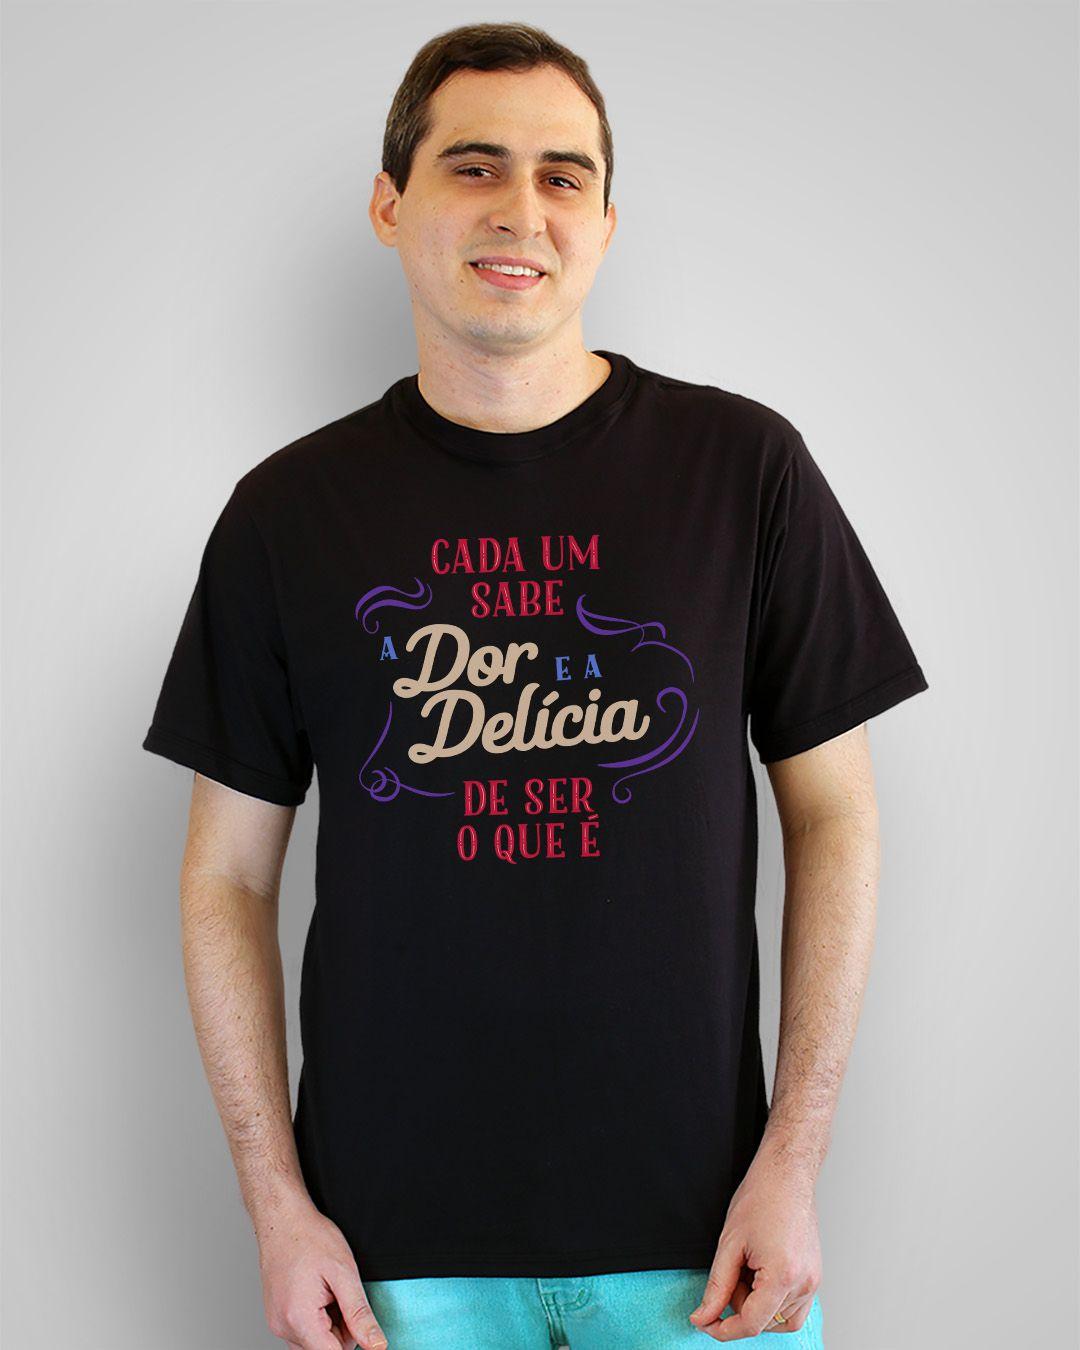 Camiseta Cada um sabe a dor e a delícia de ser o que é - Caetano Veloso ft. Gal Costa